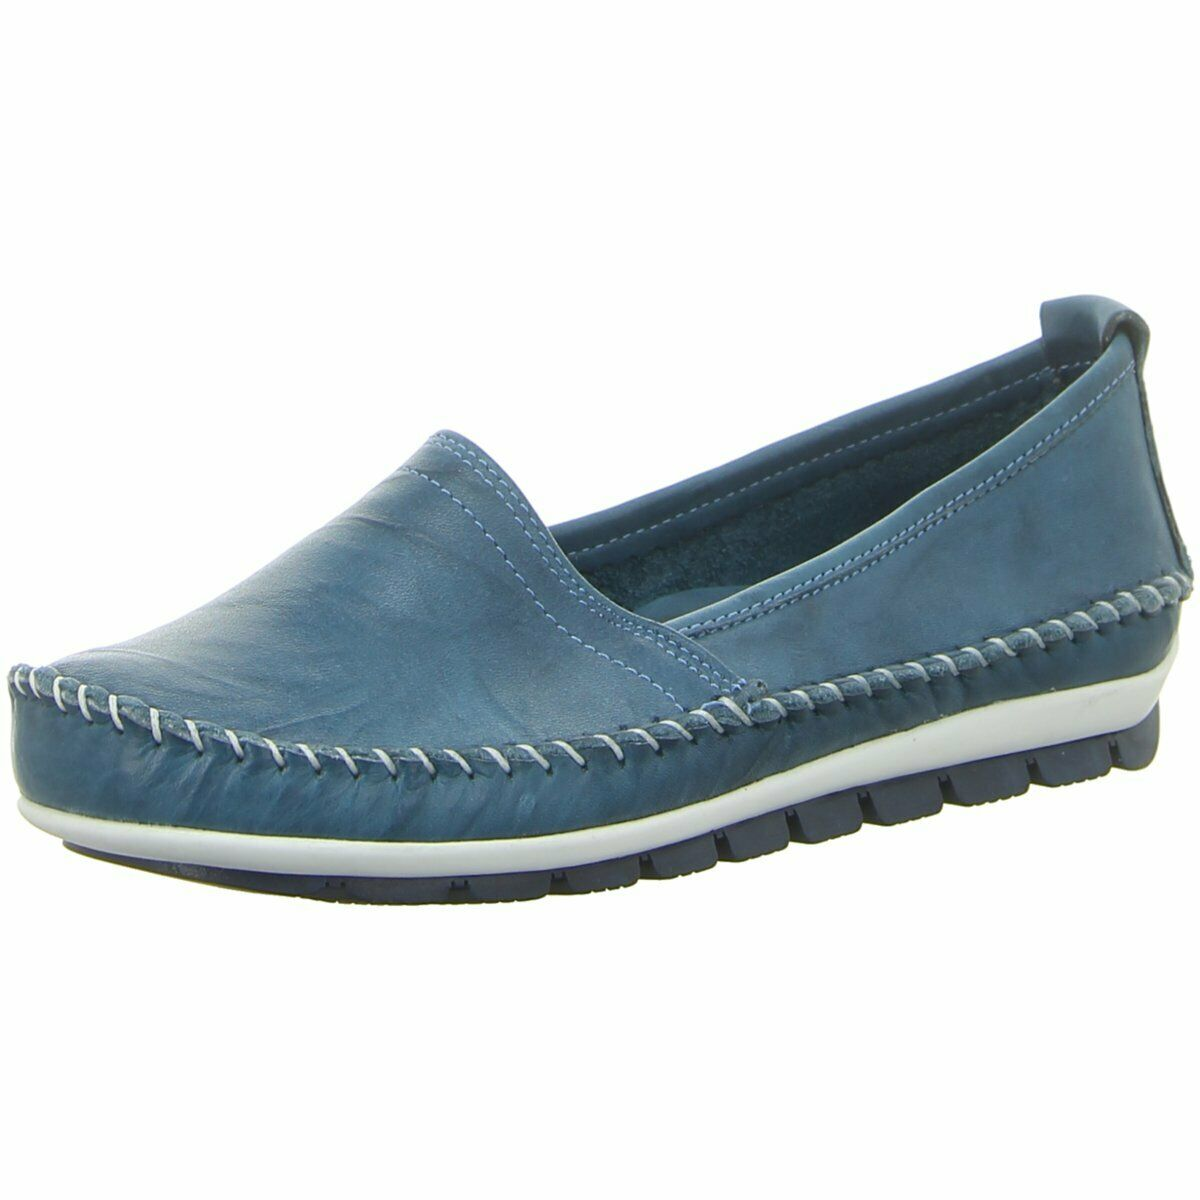 Gemini Damen Slipper 003122-01 808 blau 465563